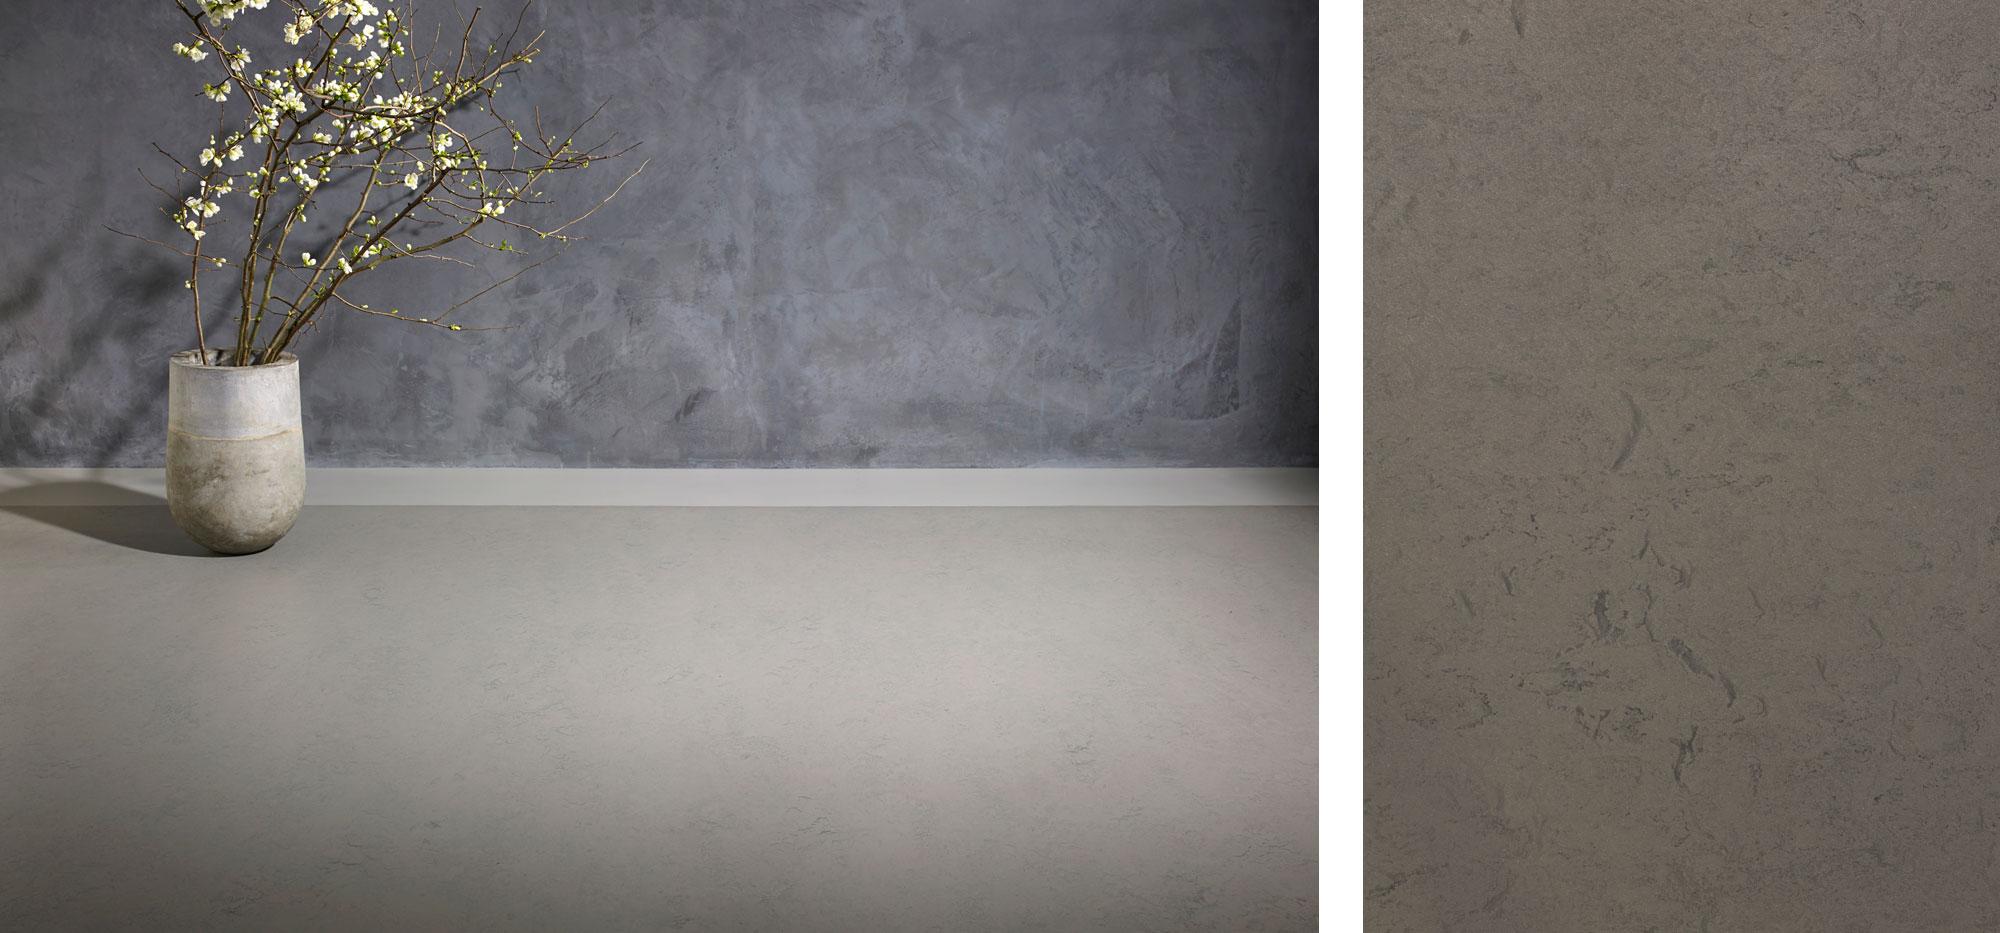 linoleum - Linoleum